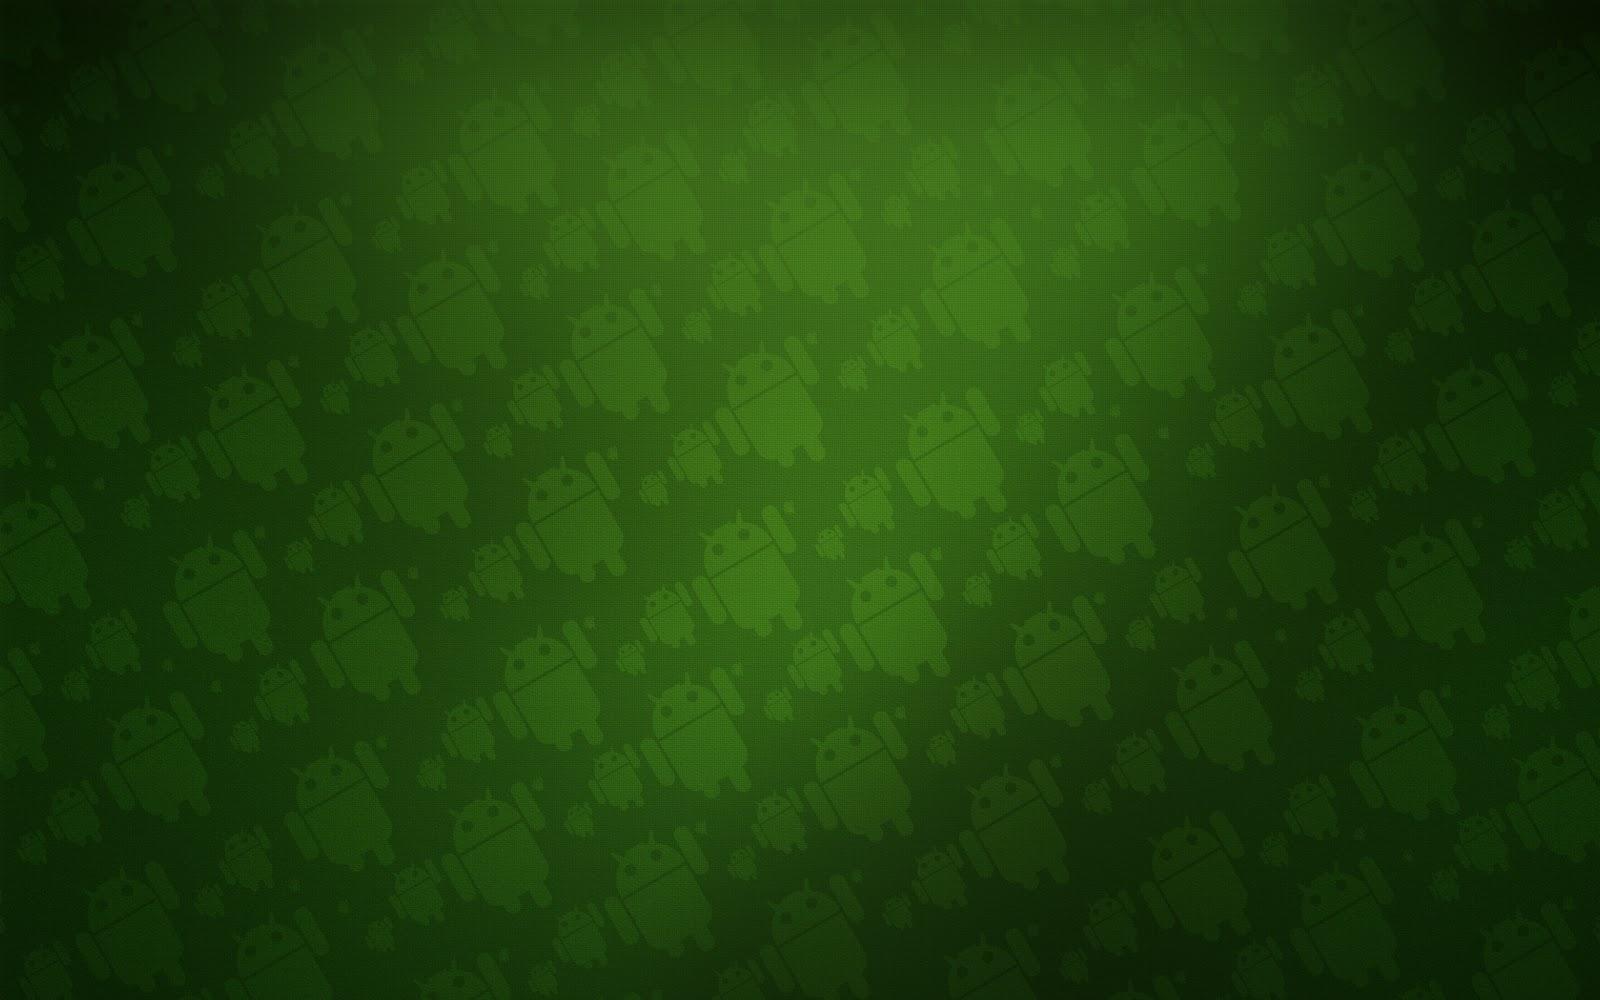 Wallpaper Zip Files - WallpaperSafari